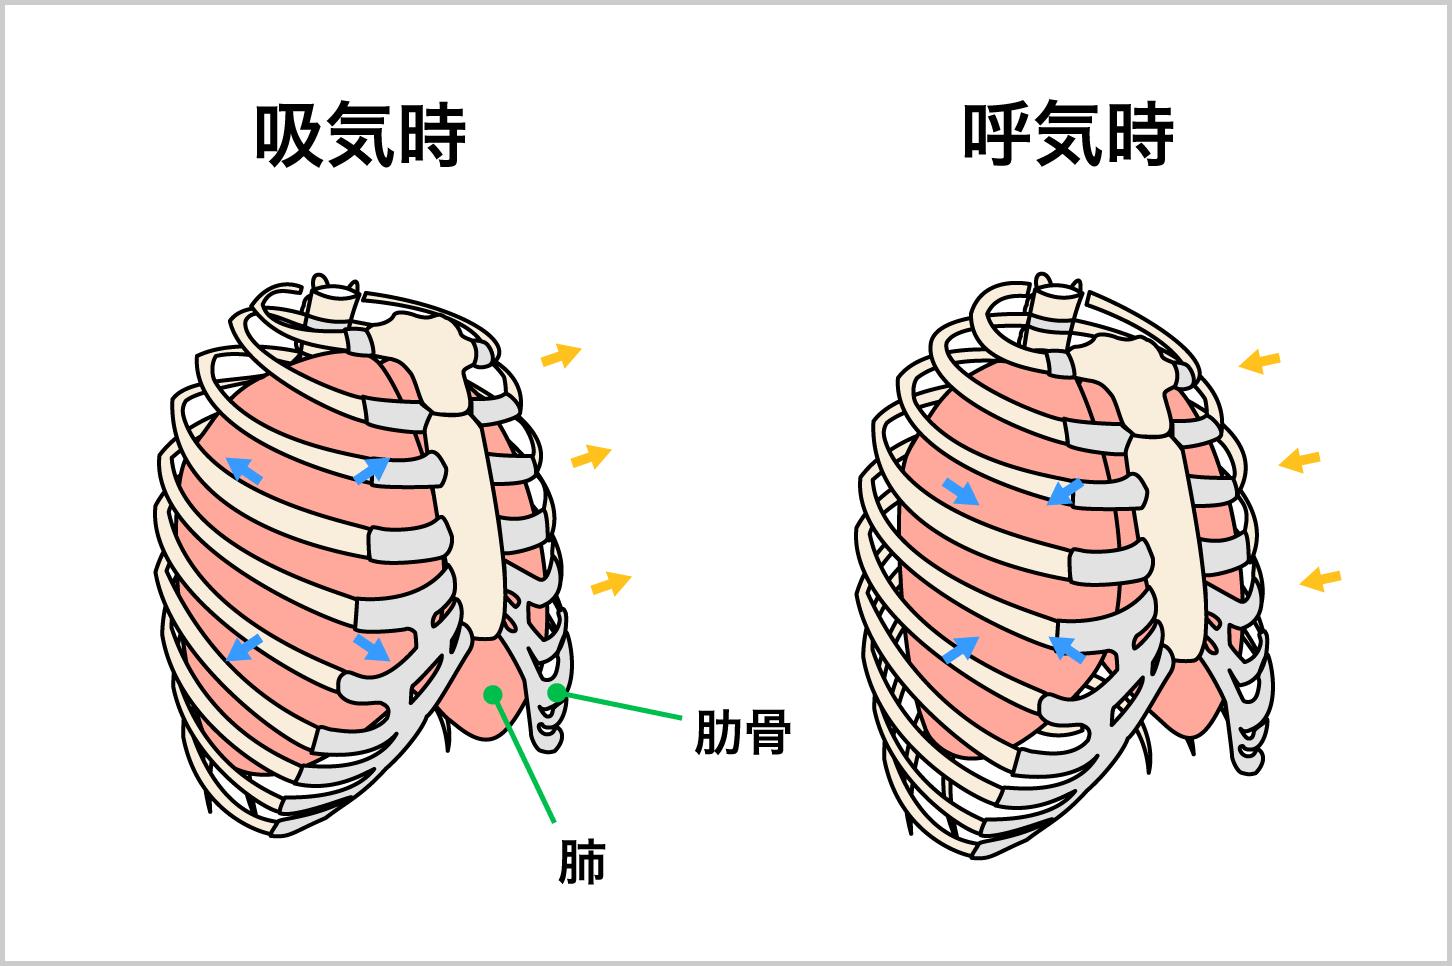 胸式呼吸の肺、肋骨の動き